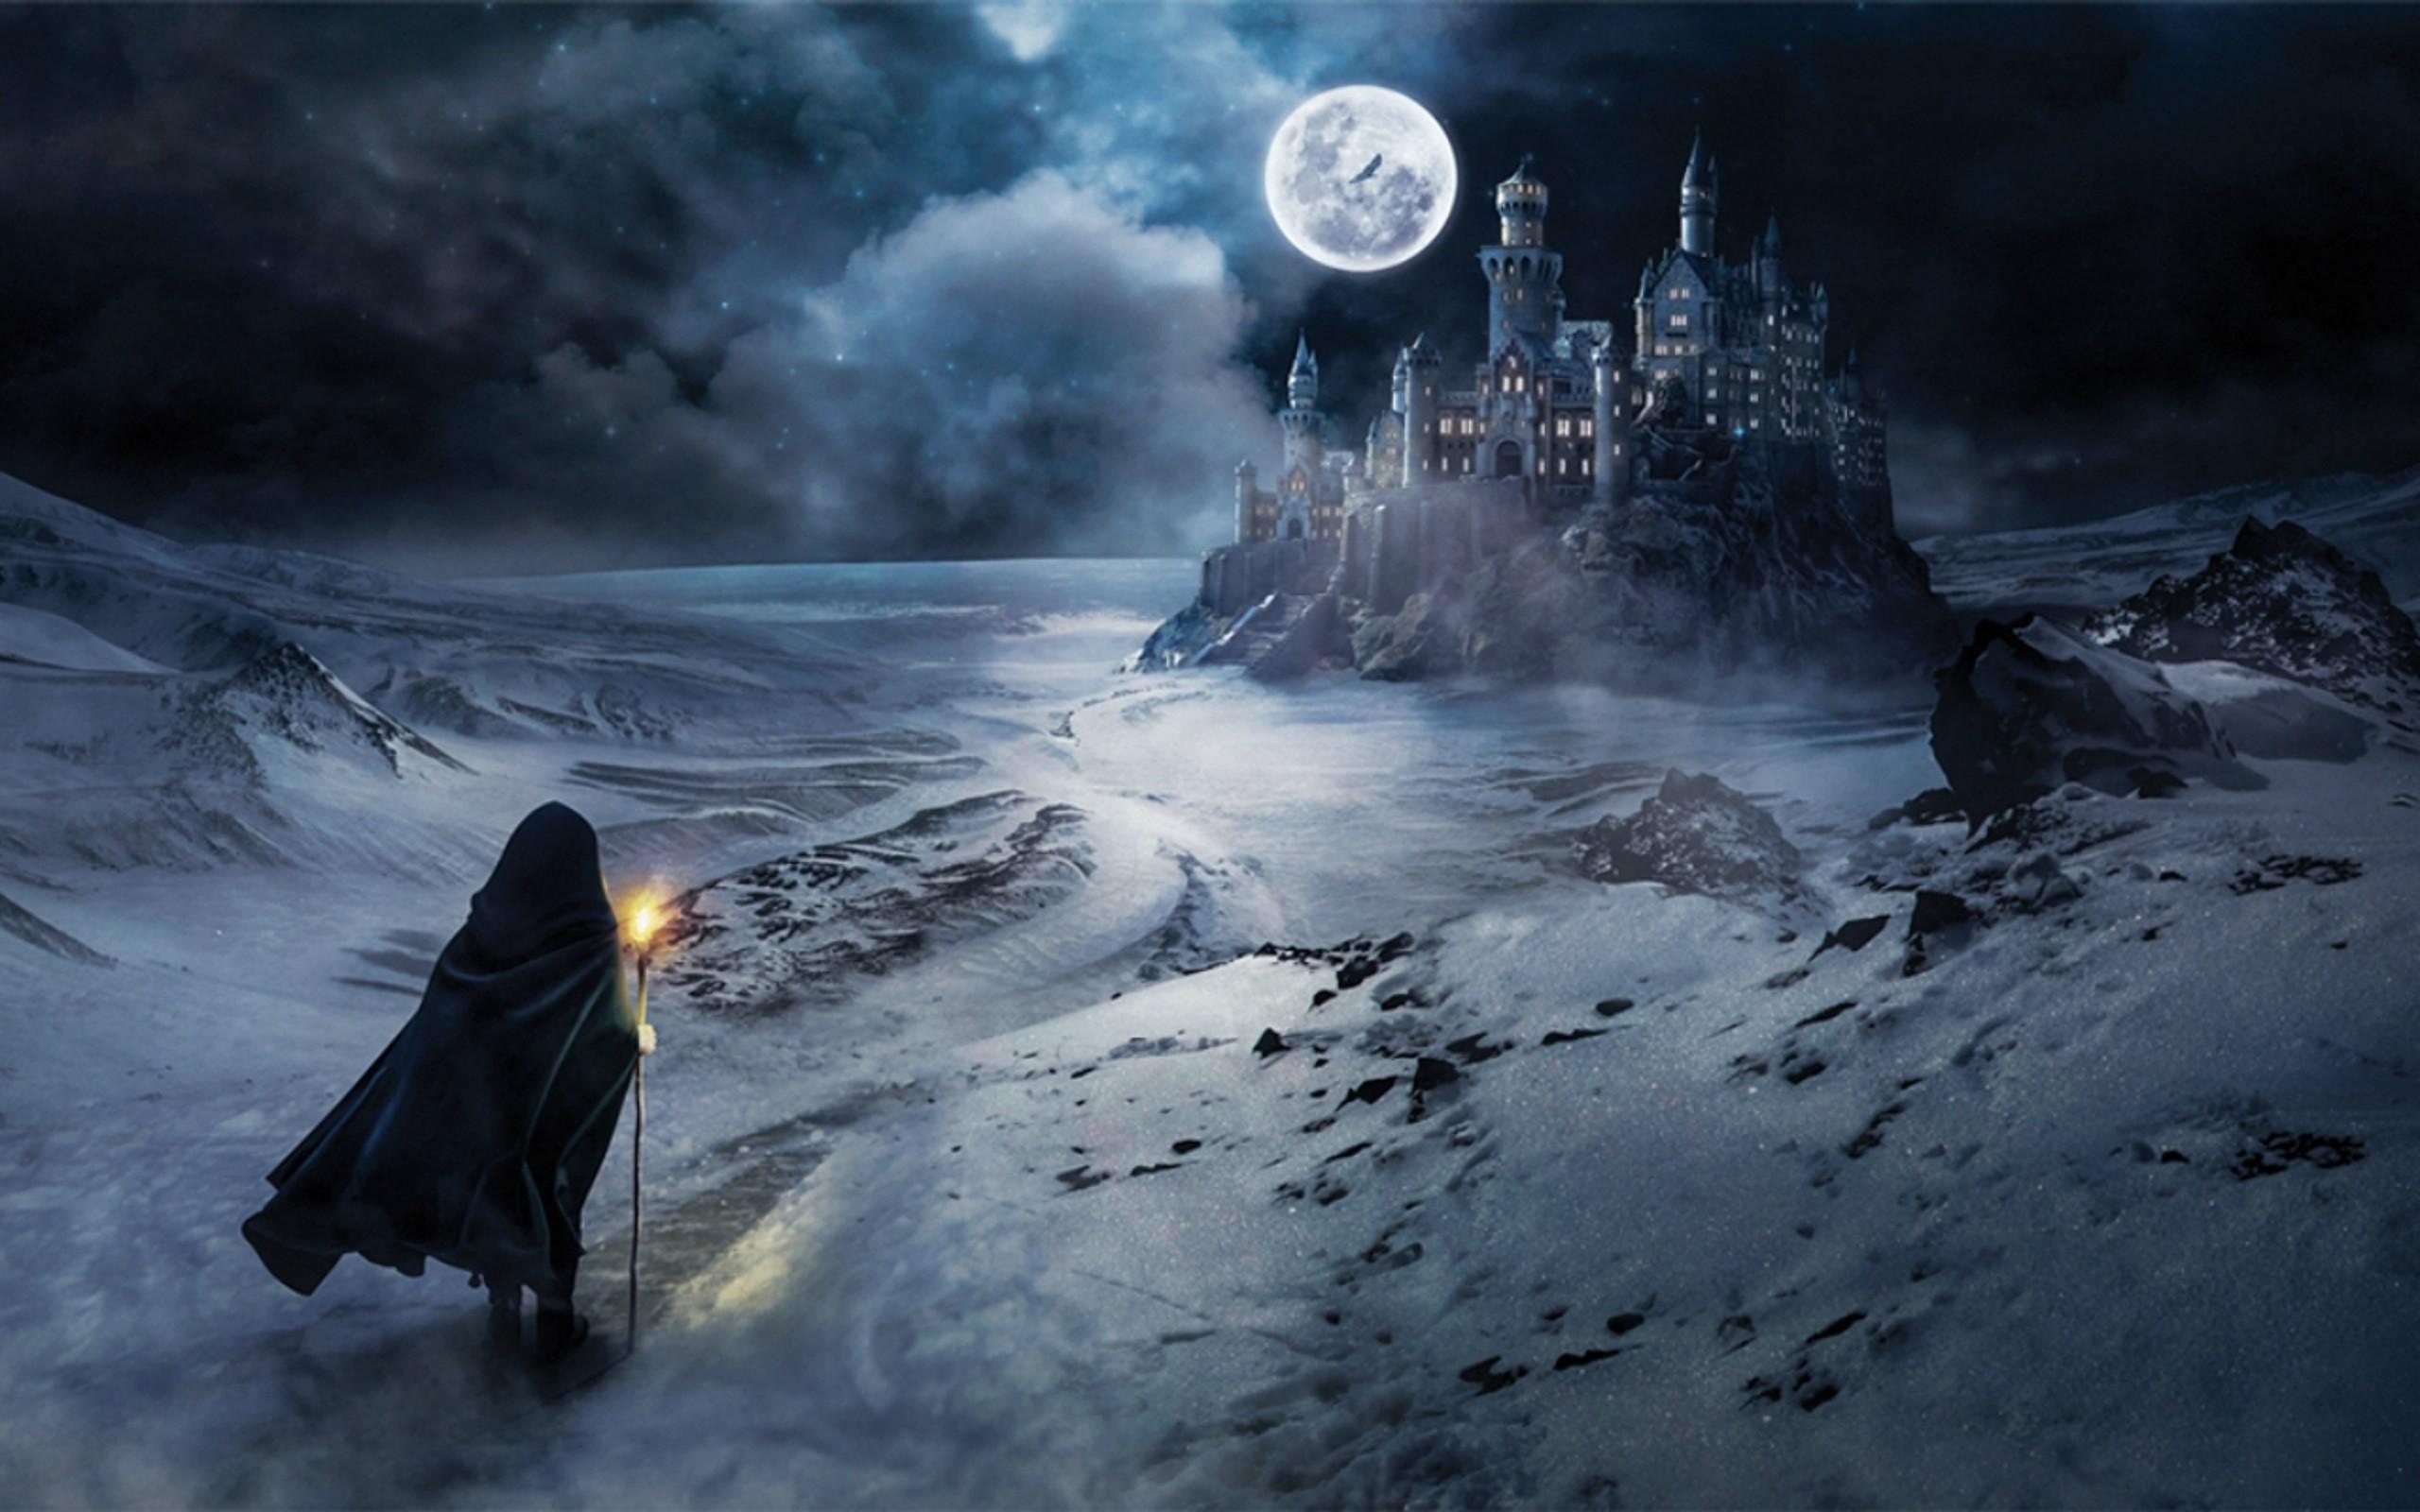 мотоцикл картинки фэнтези ночь луна замок специальной